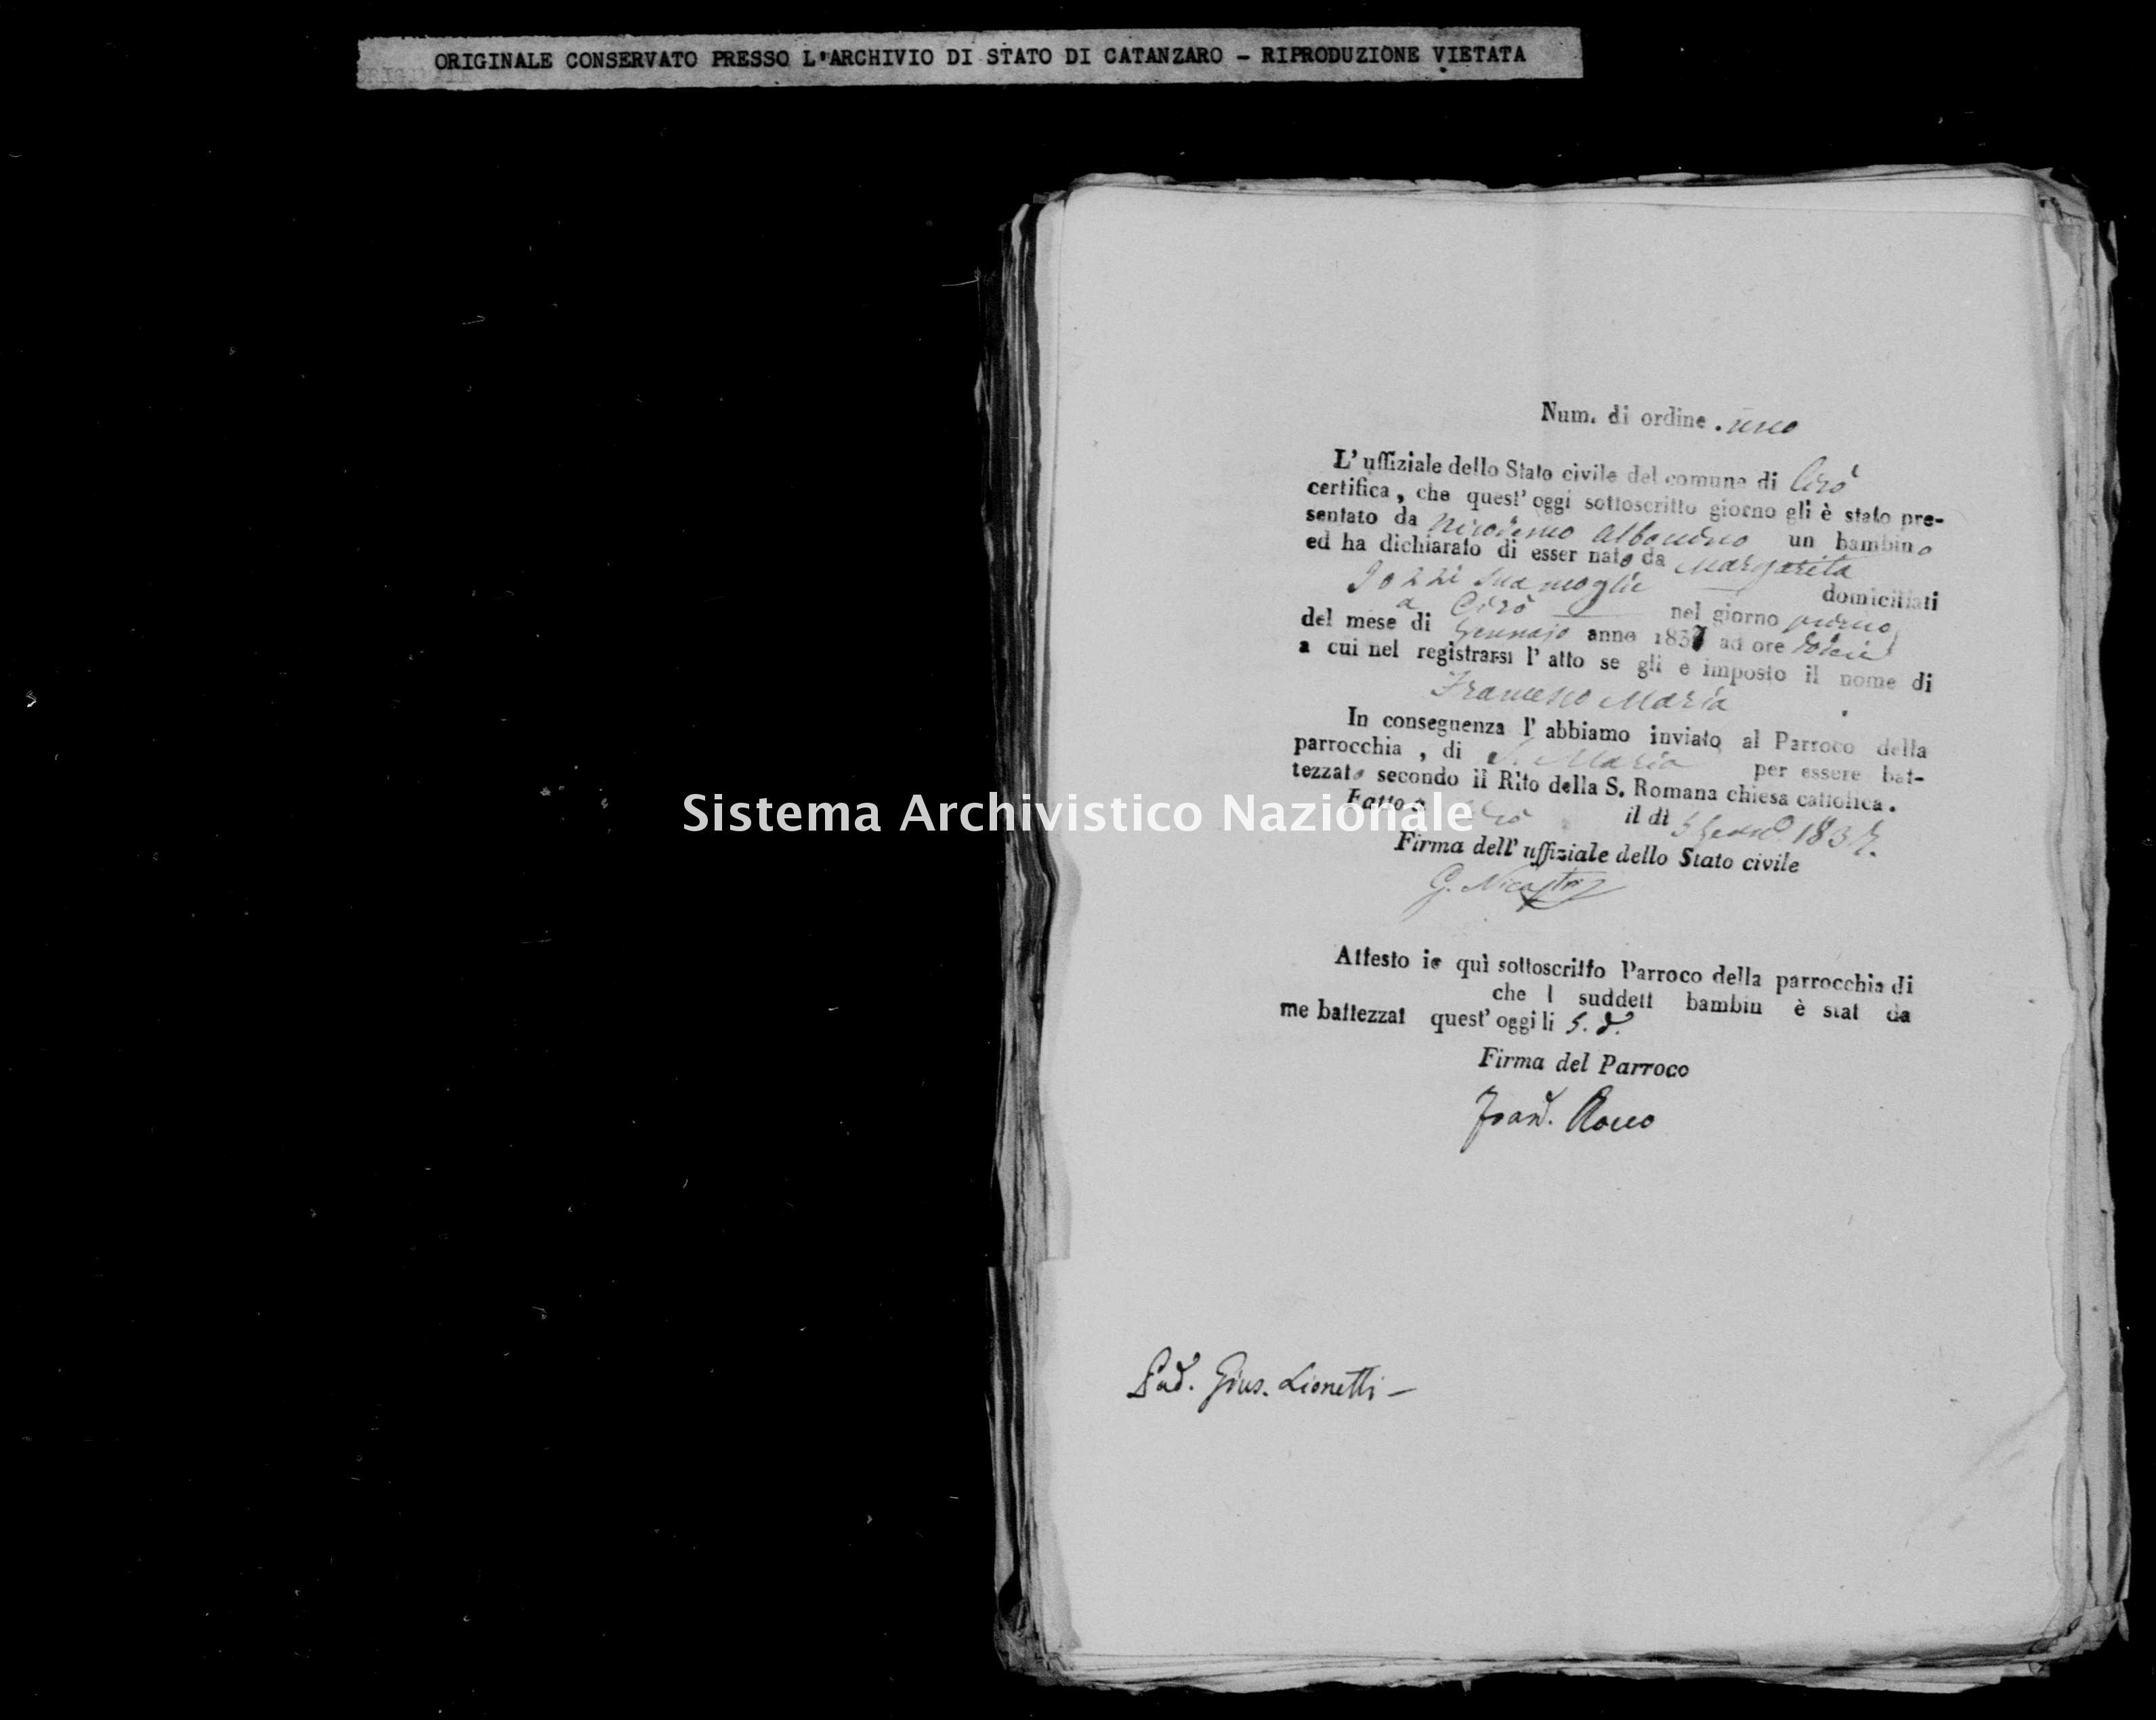 Archivio di stato di Catanzaro - Stato civile della restaurazione - Cirò - Nati, battesimi - 1837 -